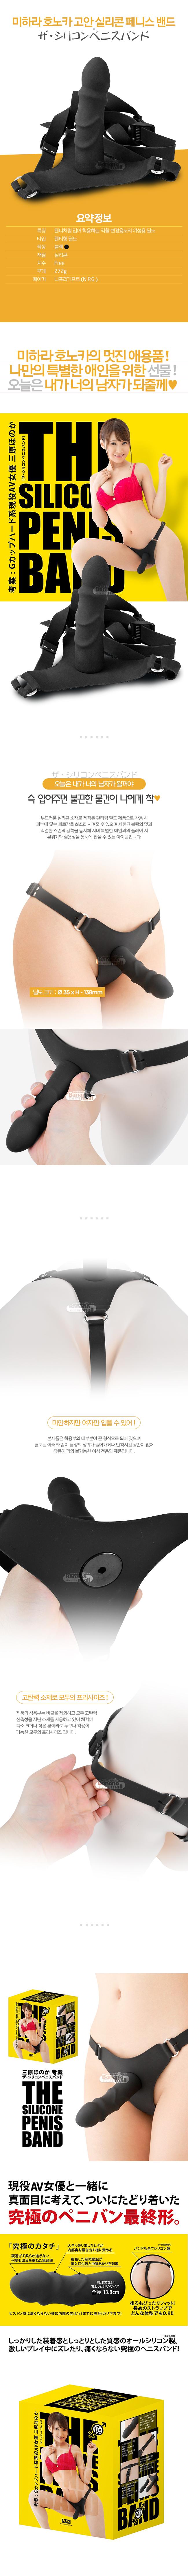 [일본 직수입] 미하라 호노카 고안 실리콘 페니스 밴드(三原ほのか考案 ザ・シリコンペニスバンド)